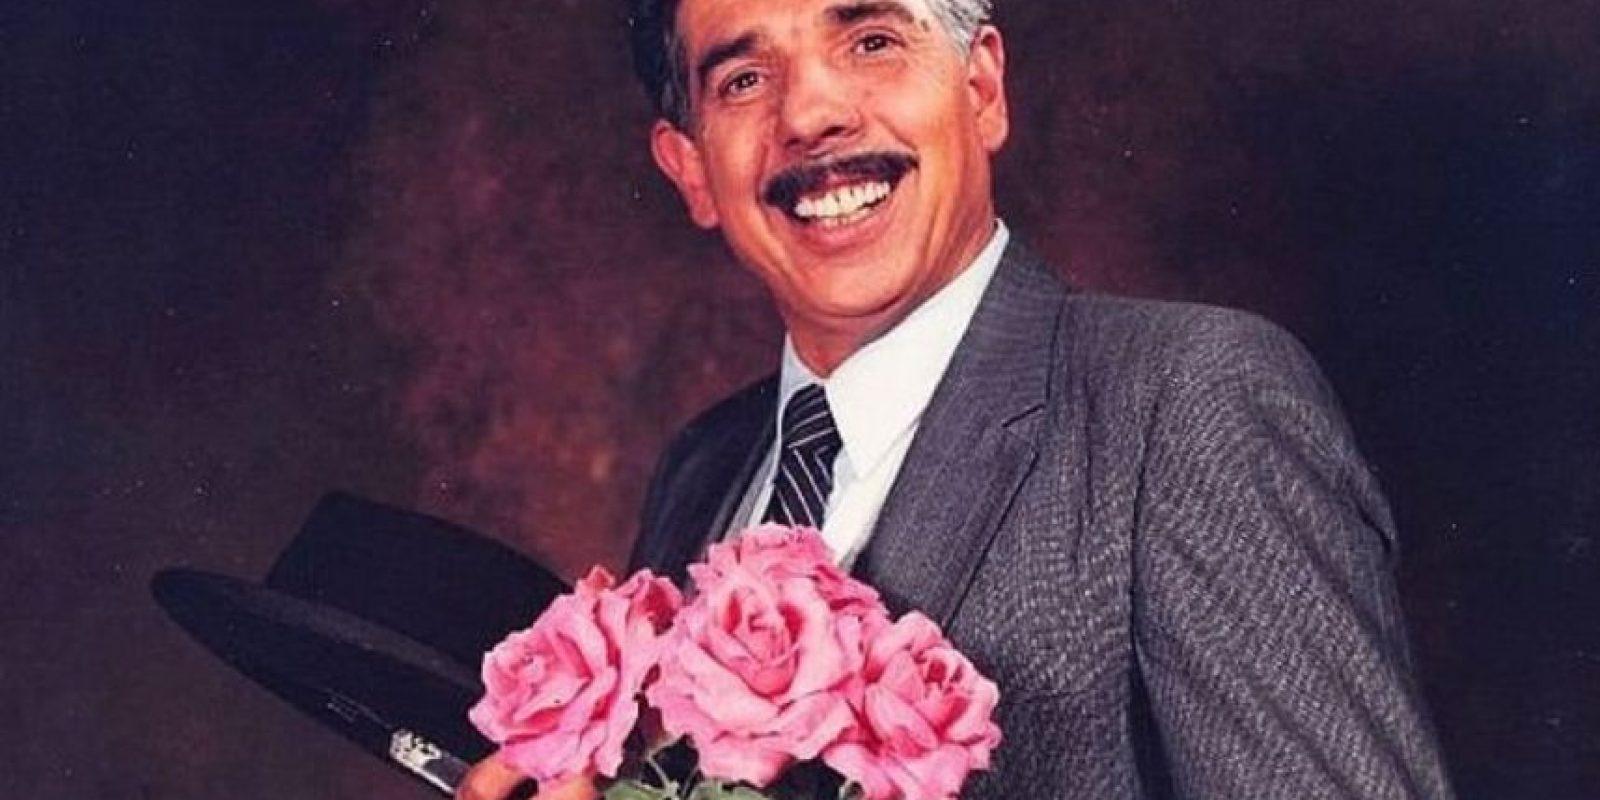 Siempre acompañó a Gómez Bolaños en sus programas humorísticos Foto:Televisa